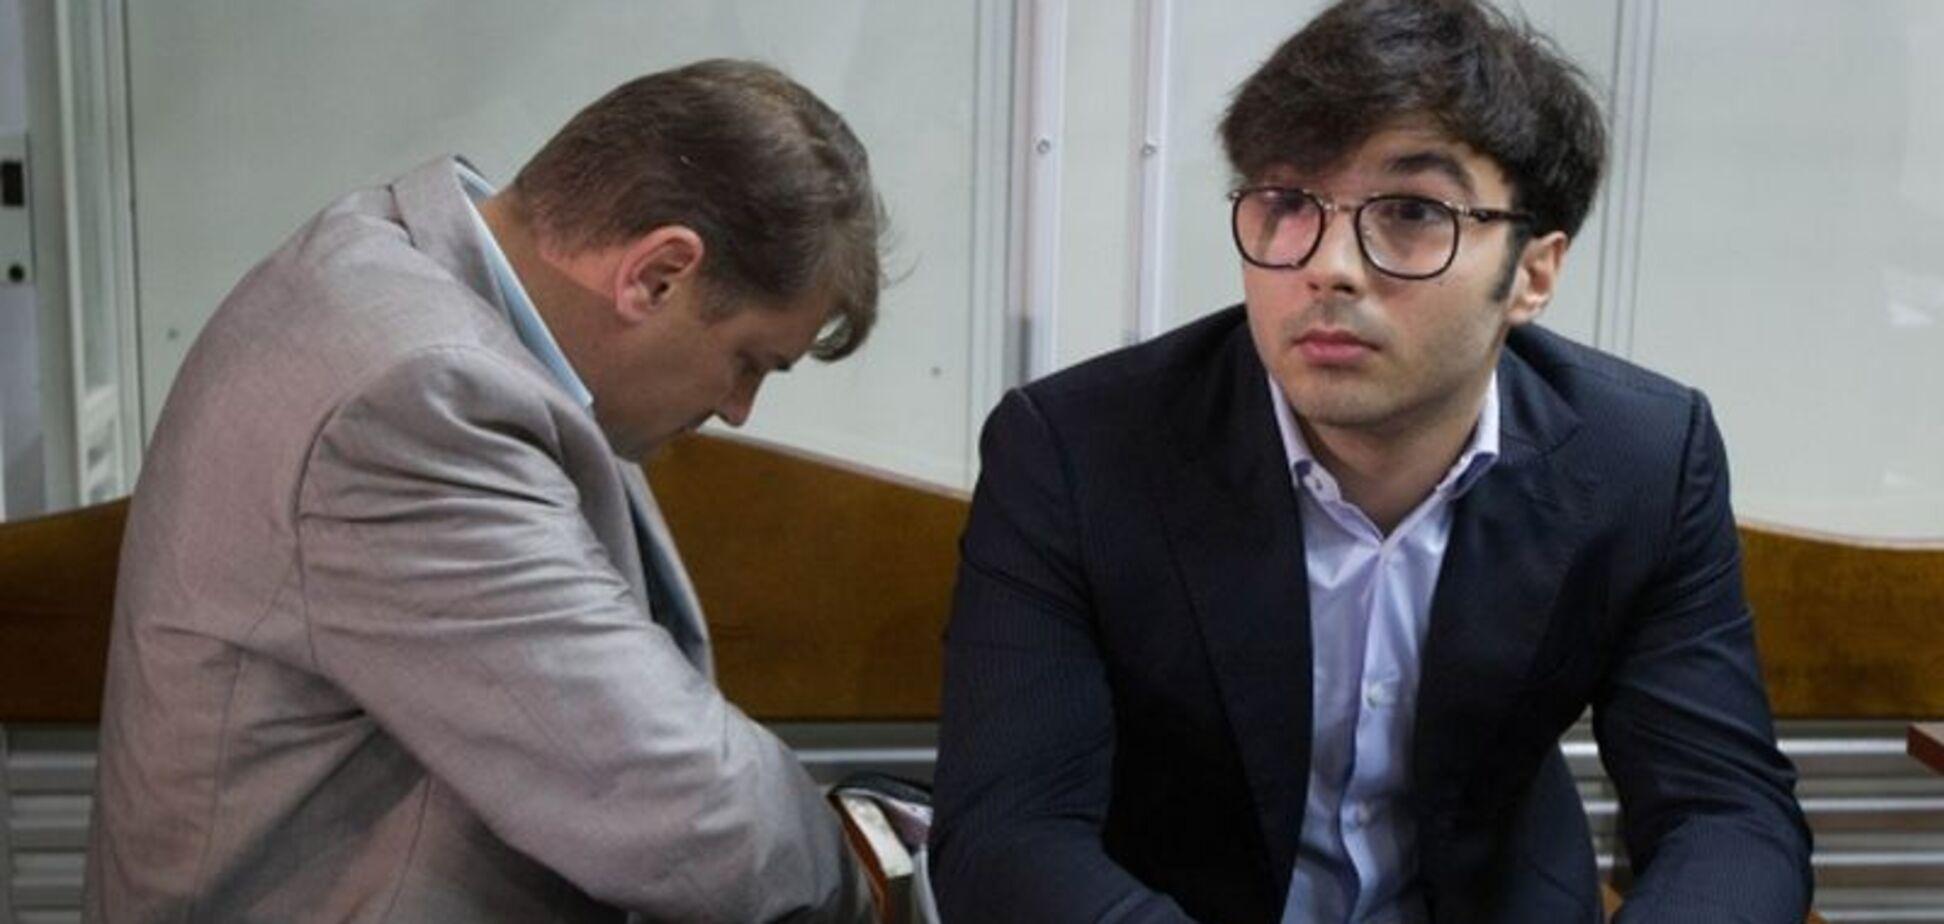 Нестор Шуфрич-молодший